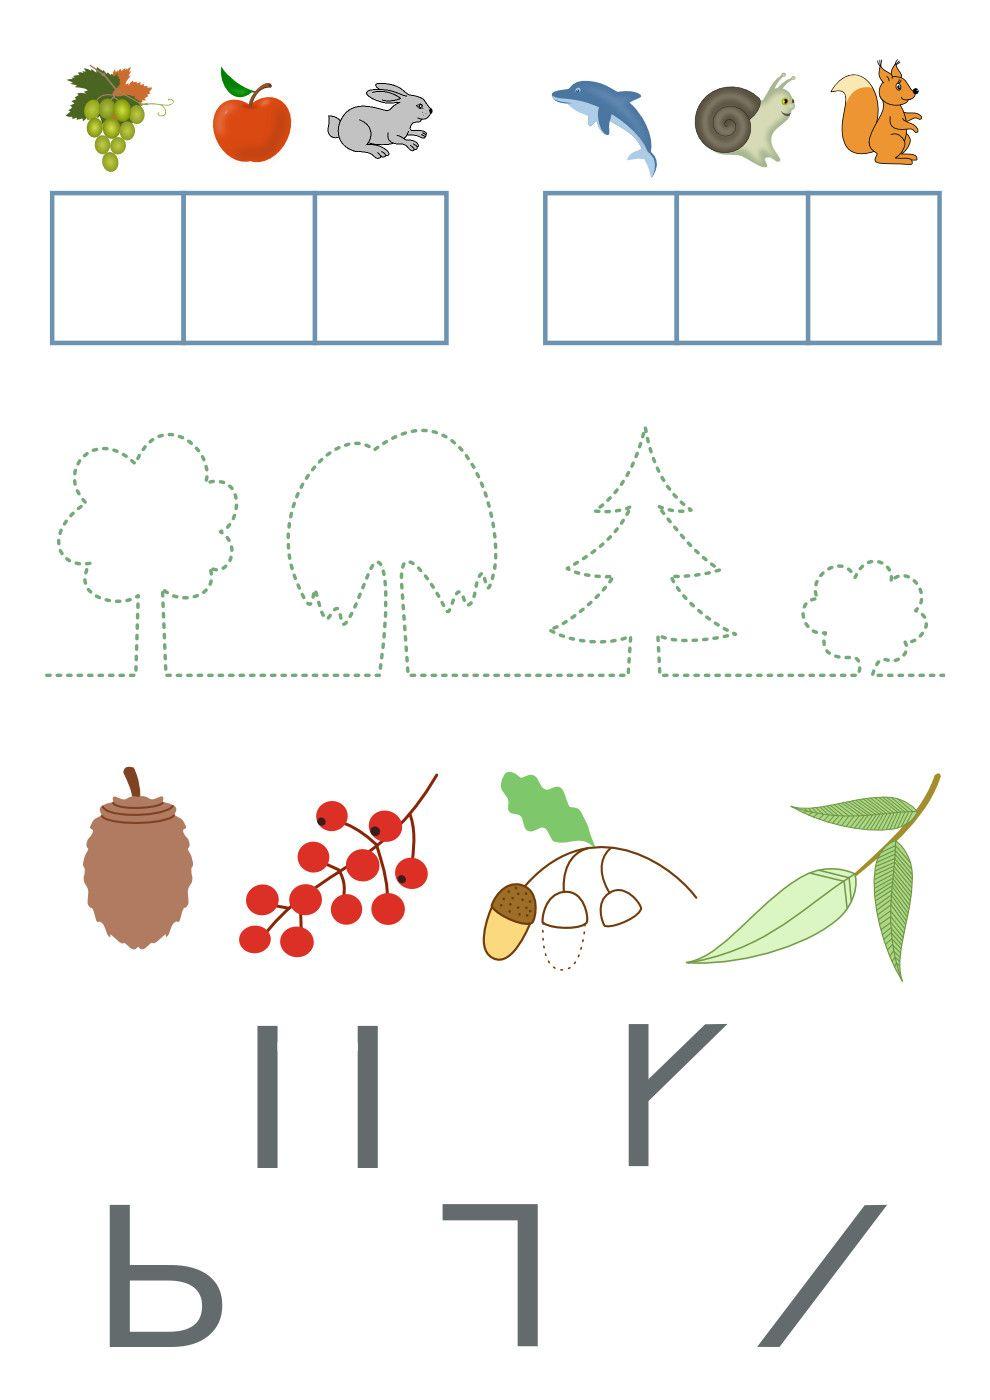 рабочий лист к занятию «Дерево знаний» | Дерево, Знание и ...